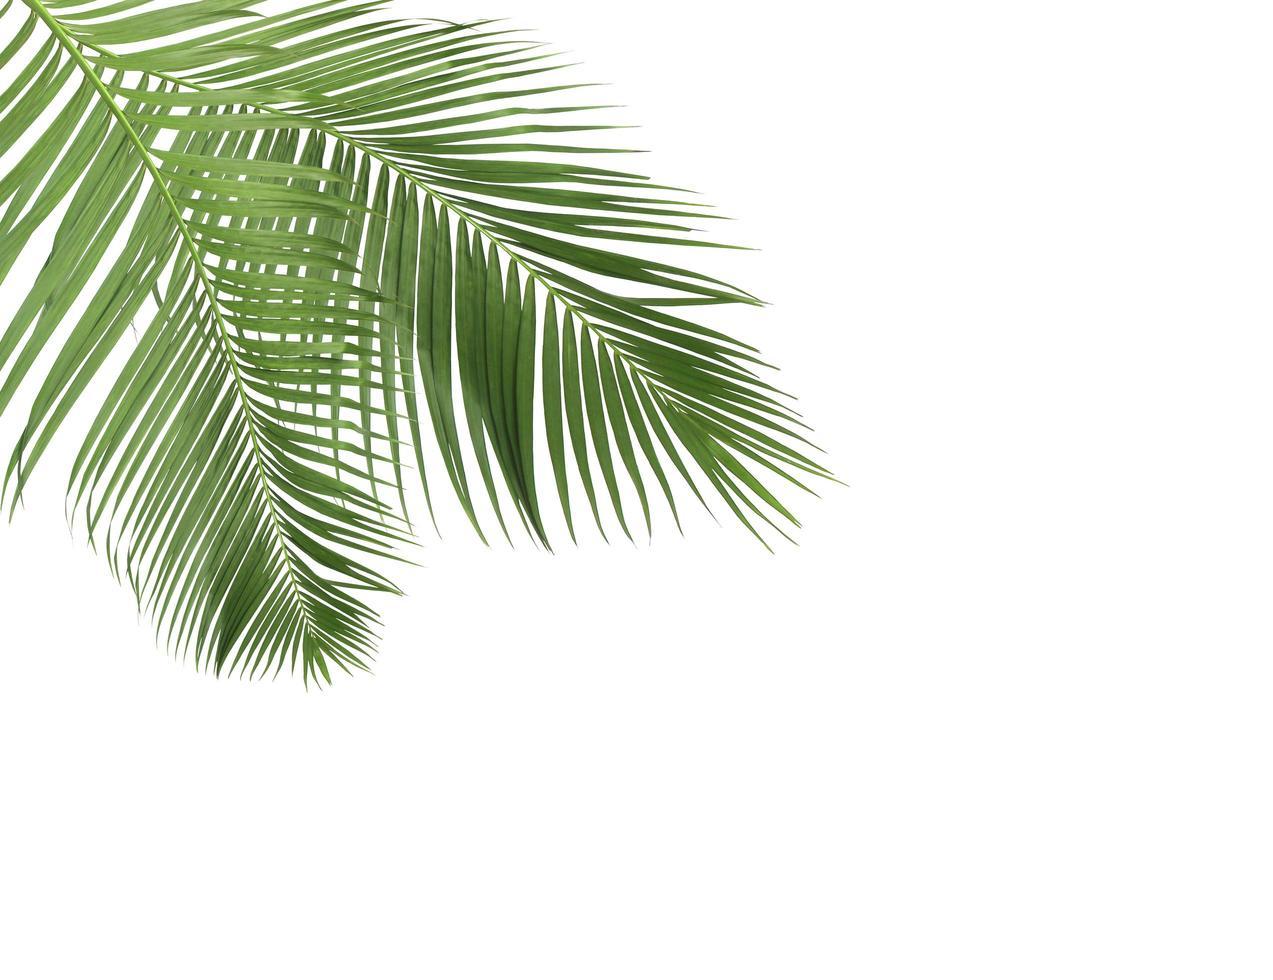 zwei Kokosnussblattzweige foto